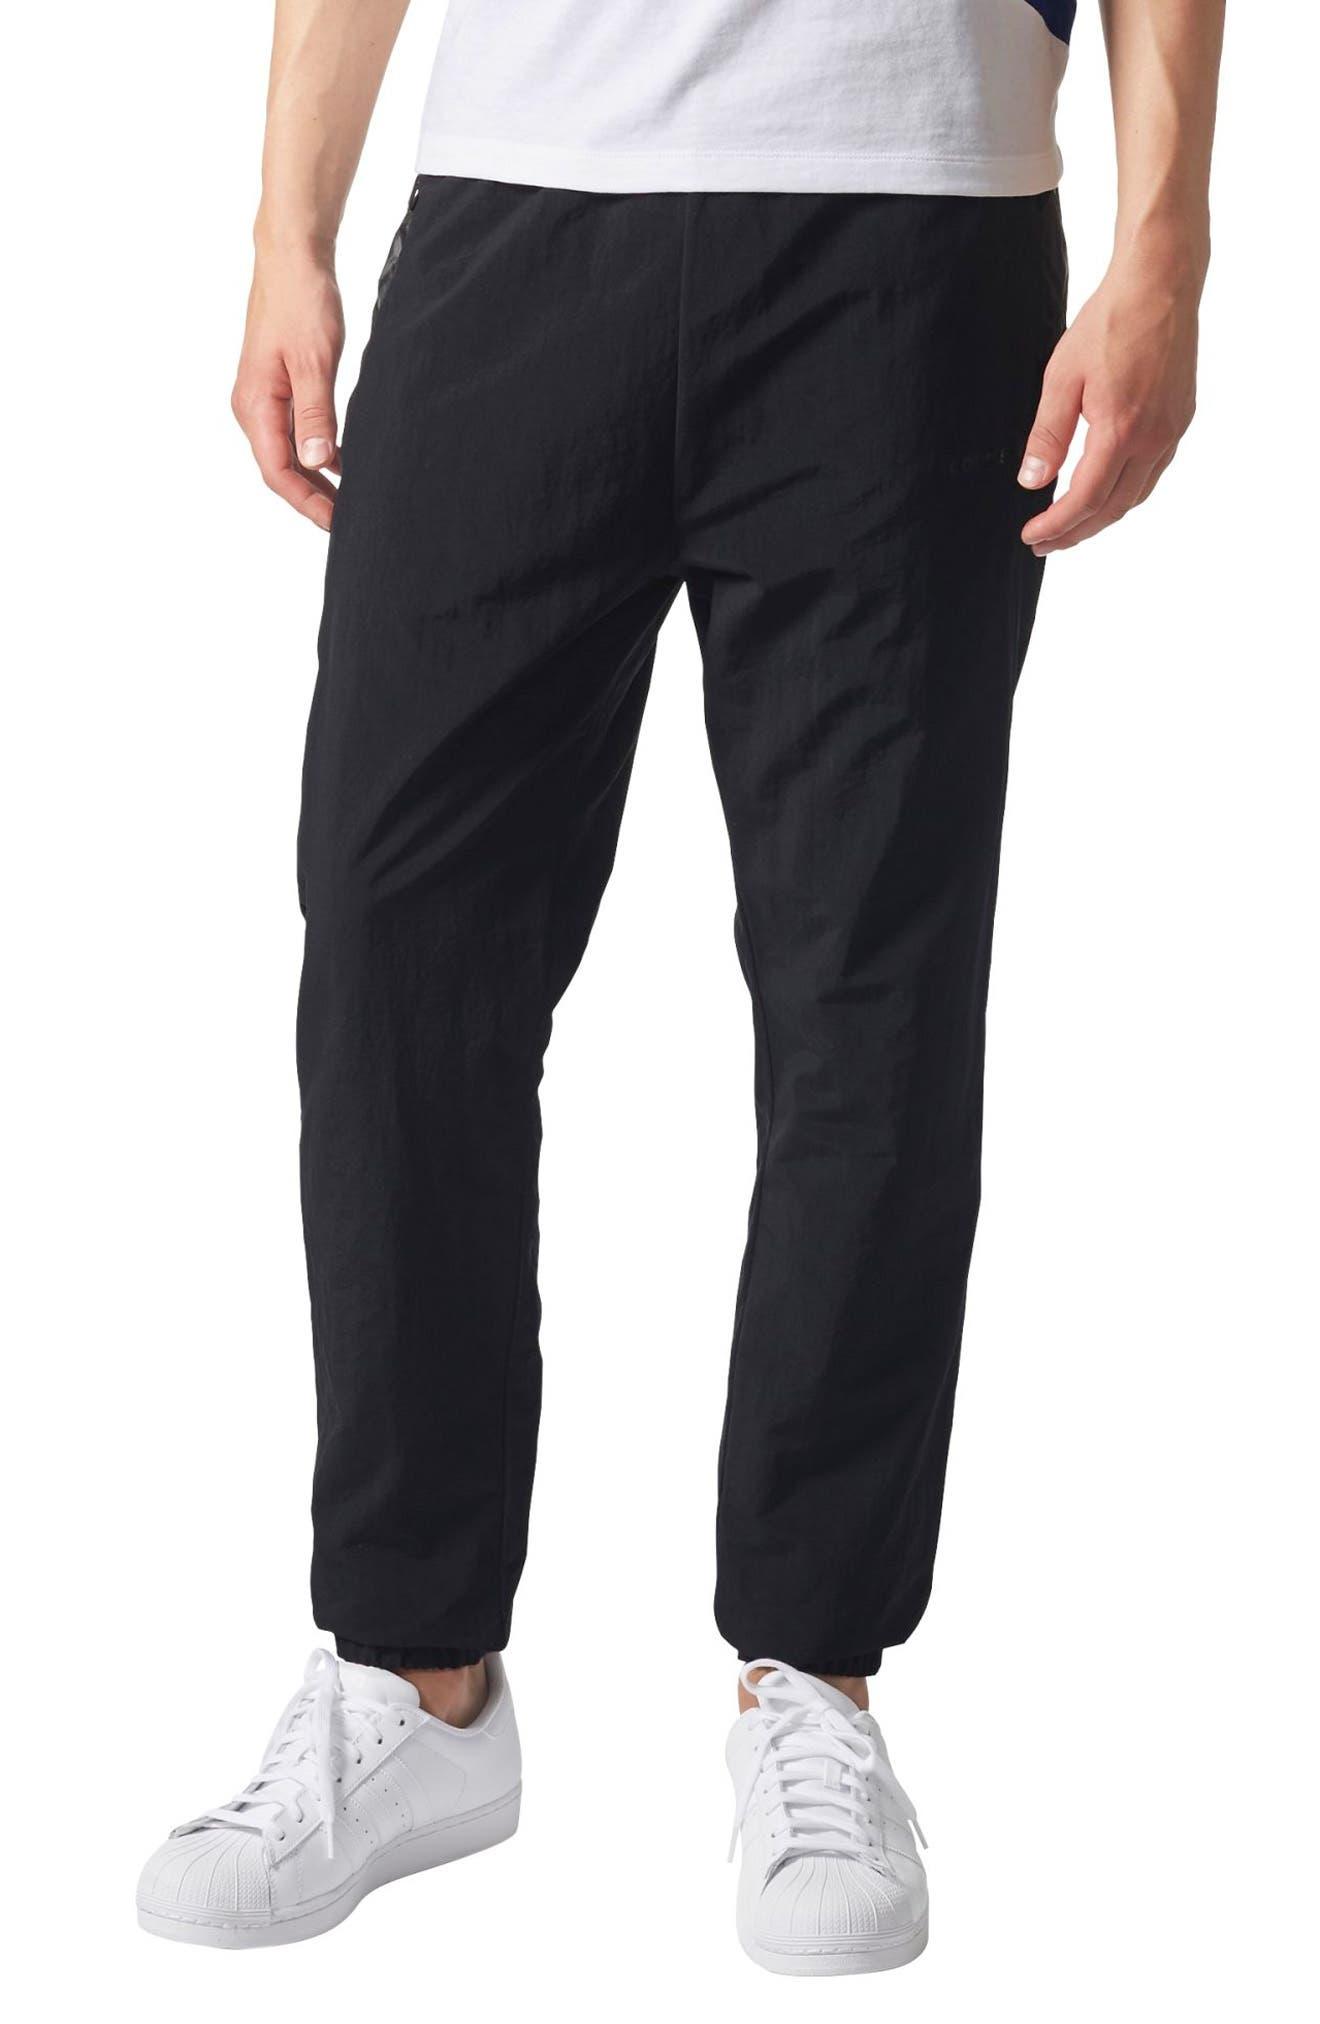 Originals Slim Tapered Pants,                             Main thumbnail 1, color,                             Black